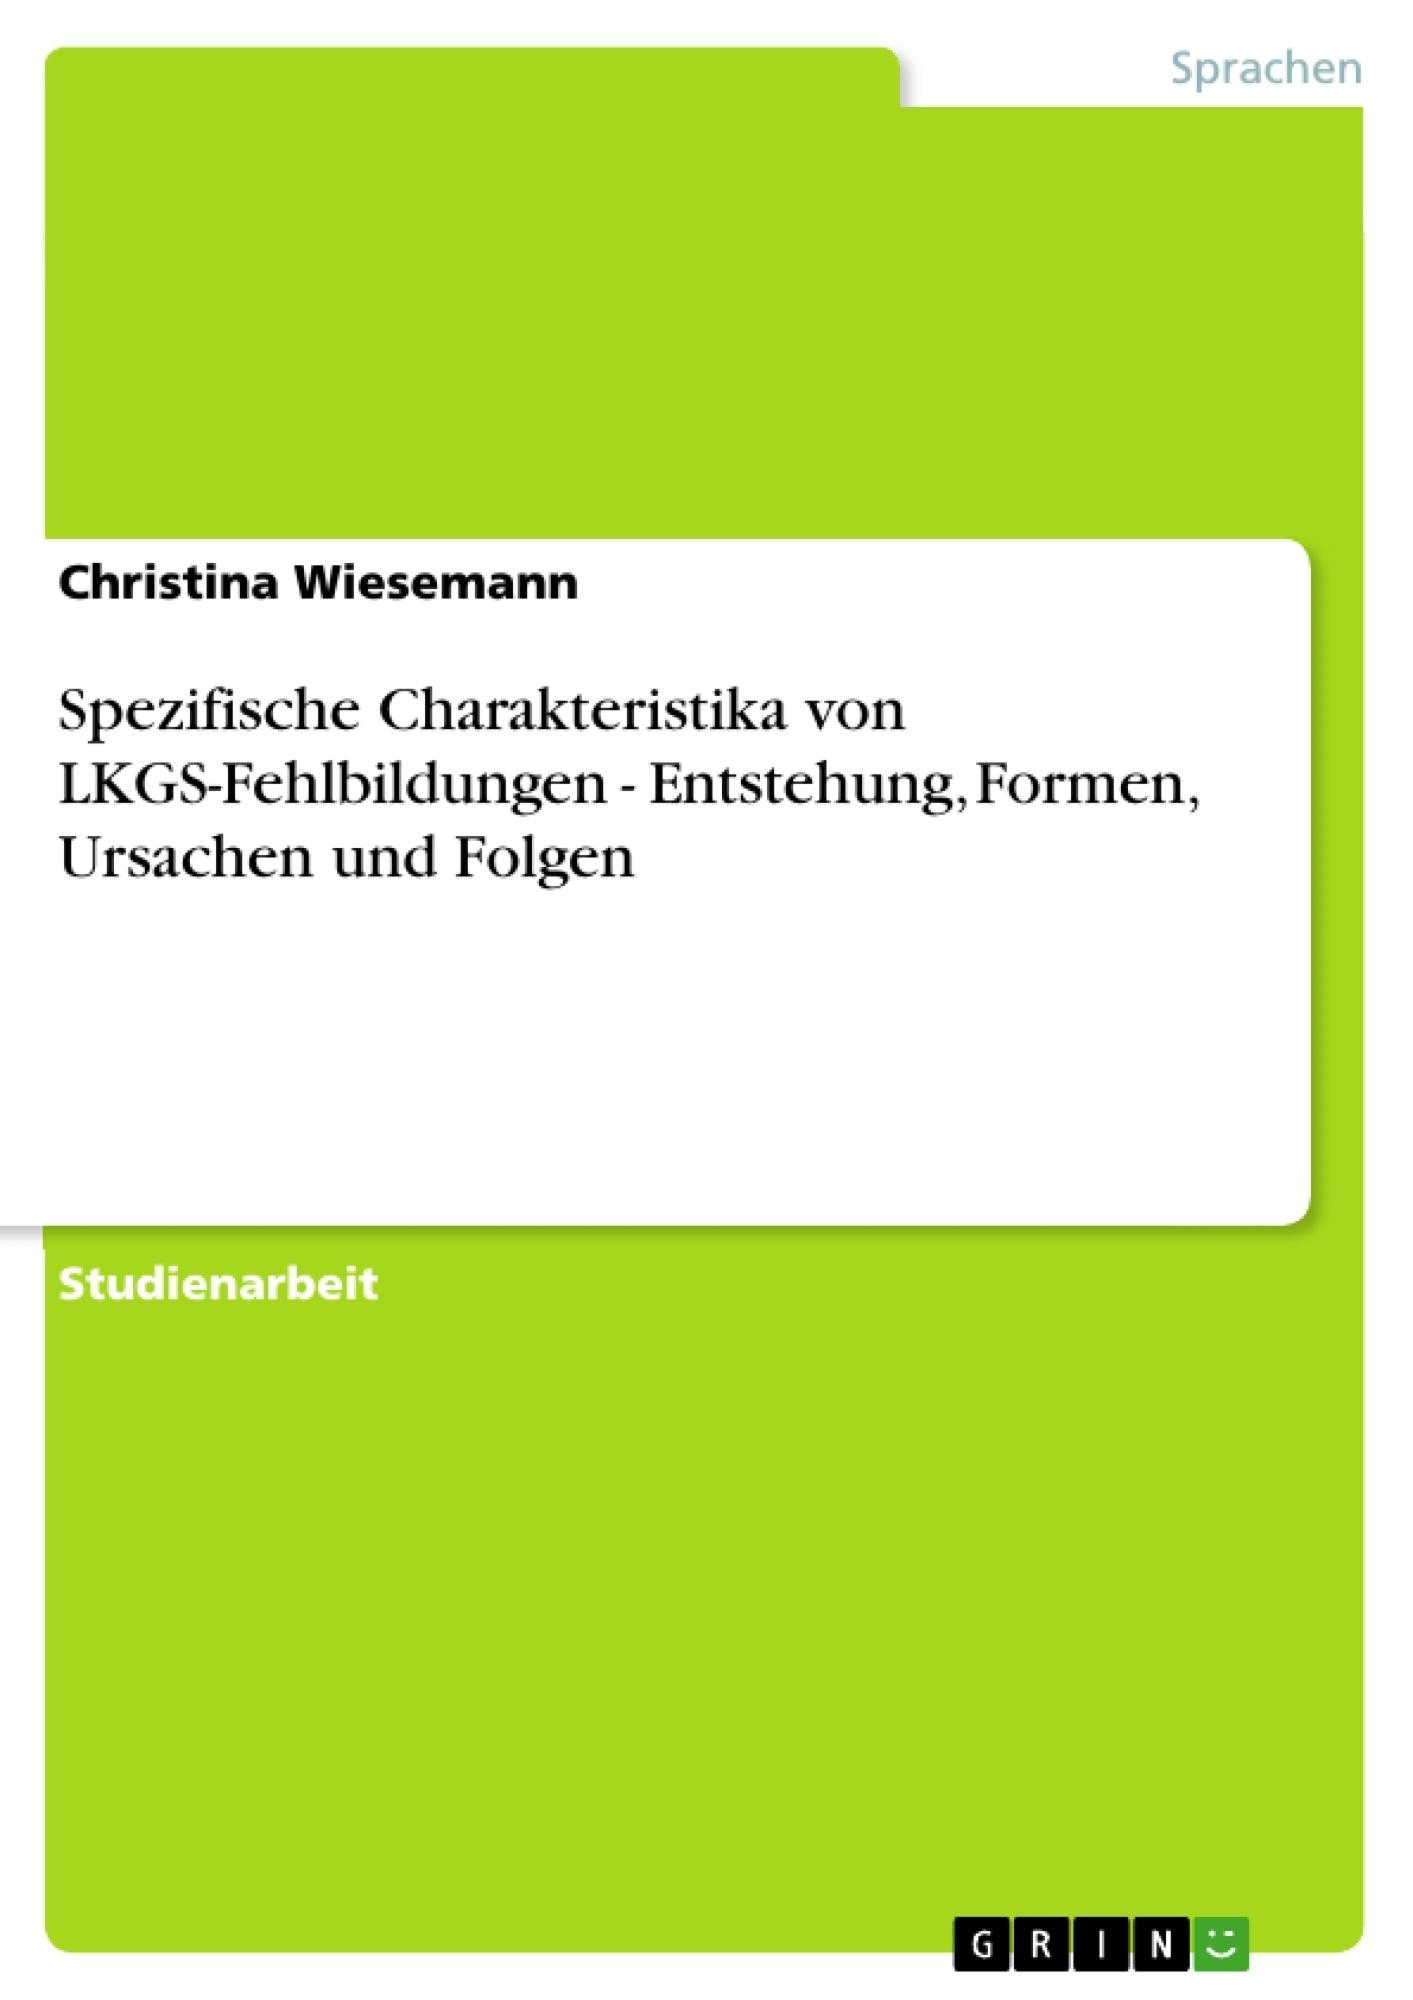 Titel: Spezifische Charakteristika von LKGS-Fehlbildungen - Entstehung, Formen, Ursachen und Folgen